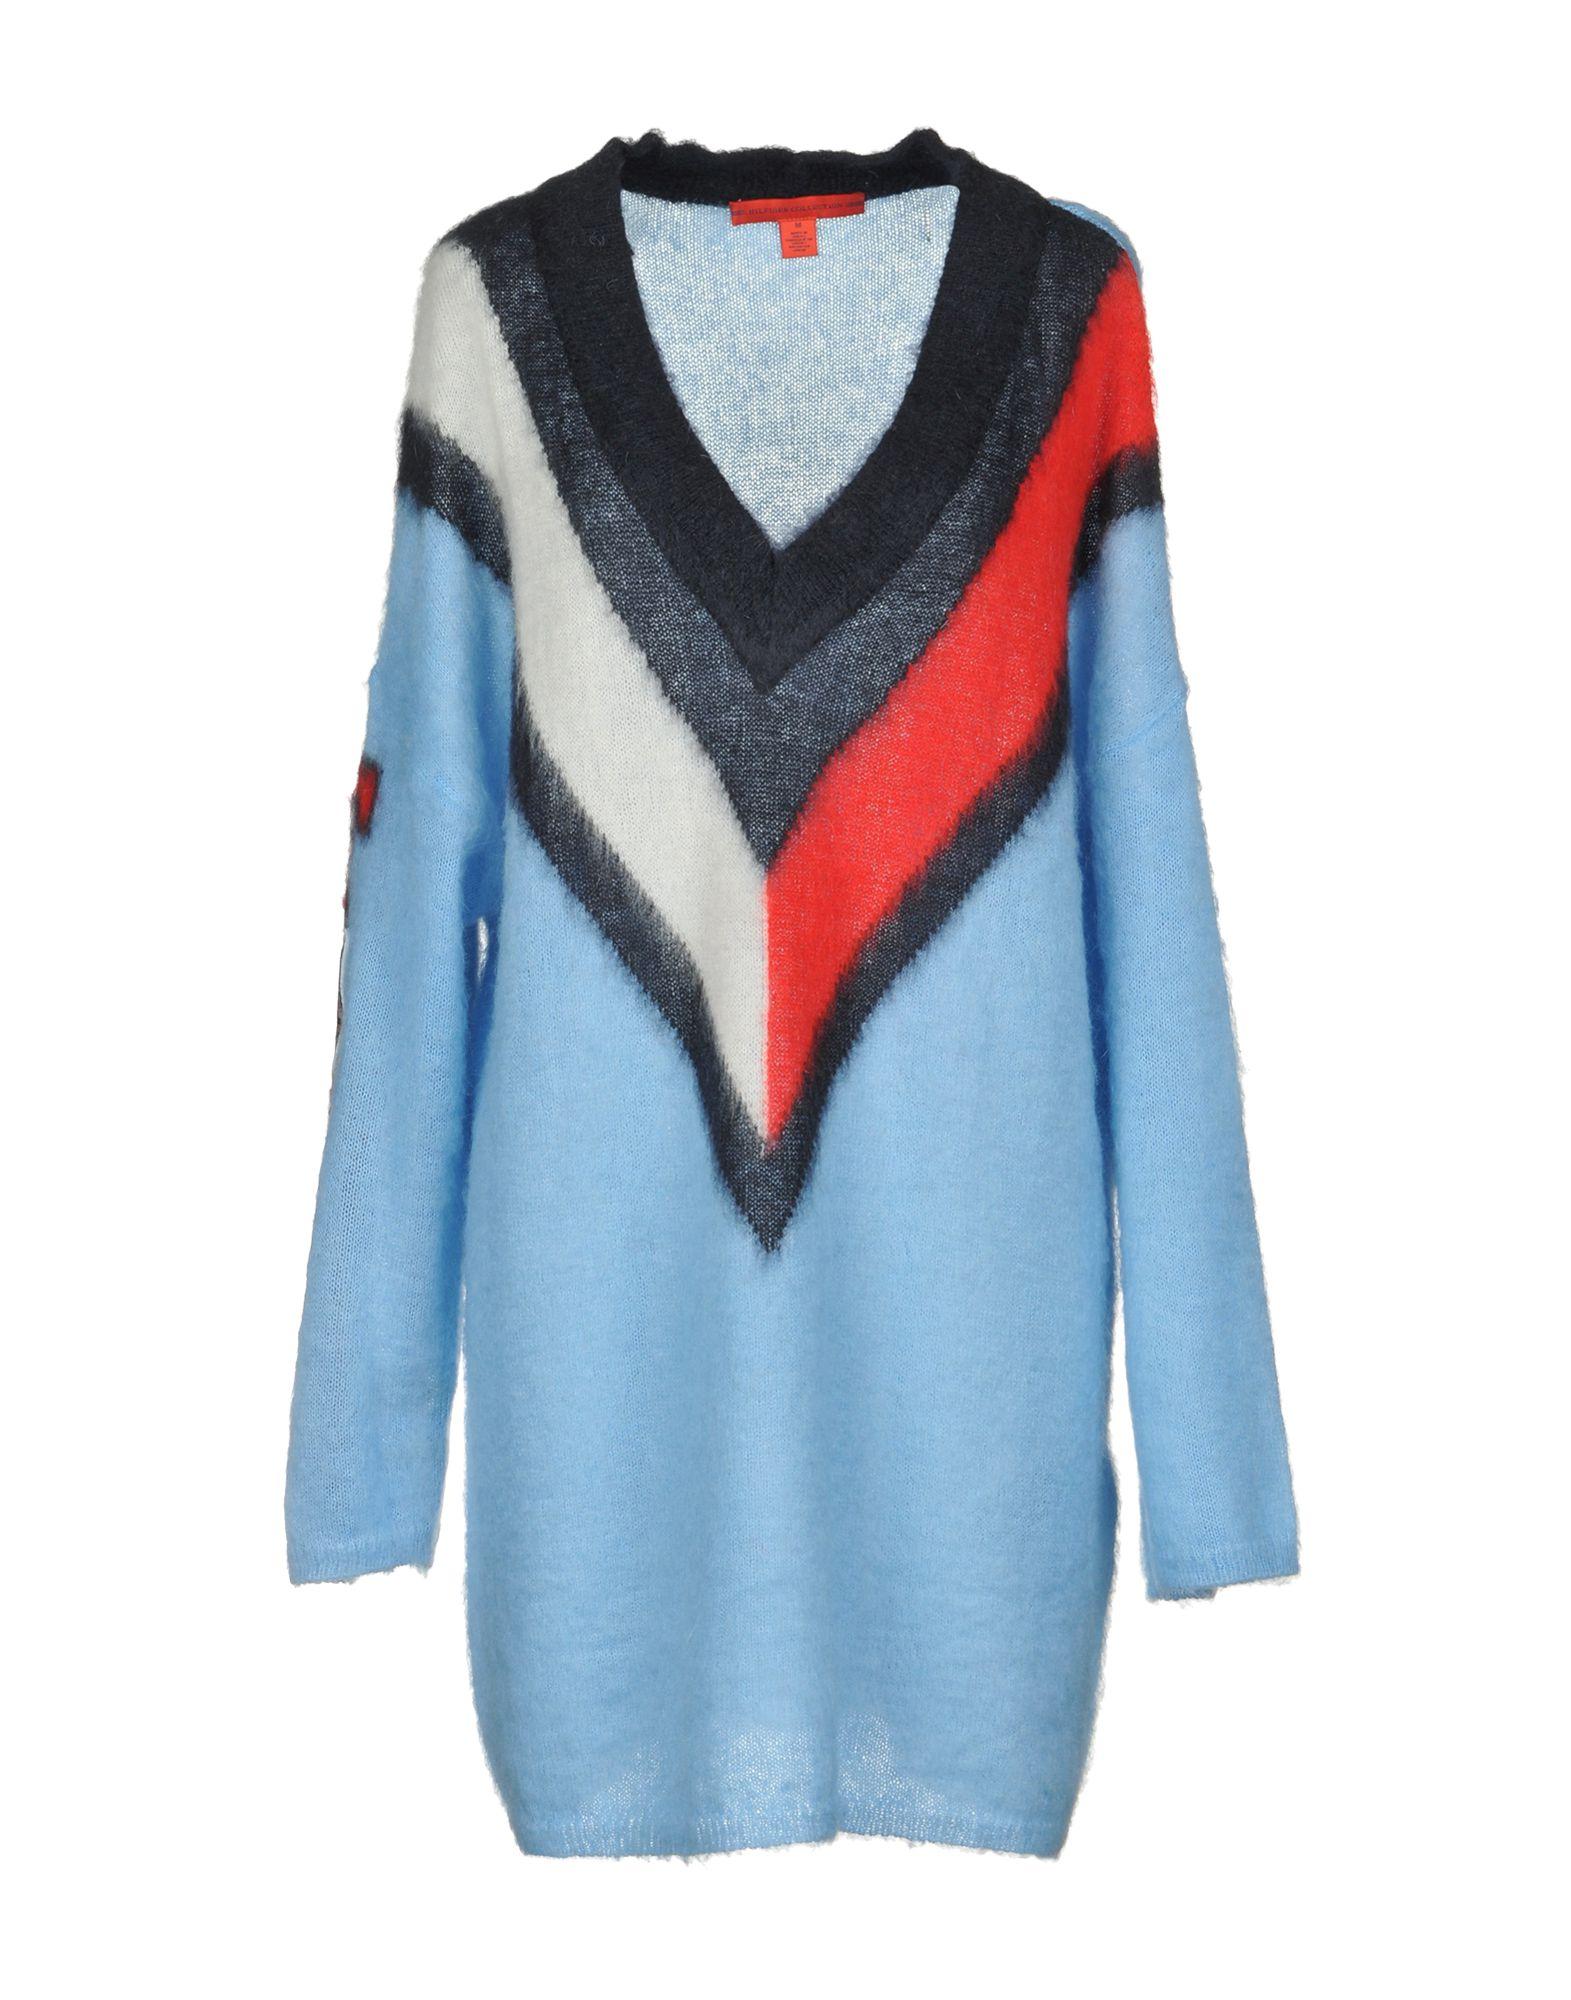 HILFIGER COLLECTION Короткое платье платье demurya collection demurya collection mp002xw1anvz